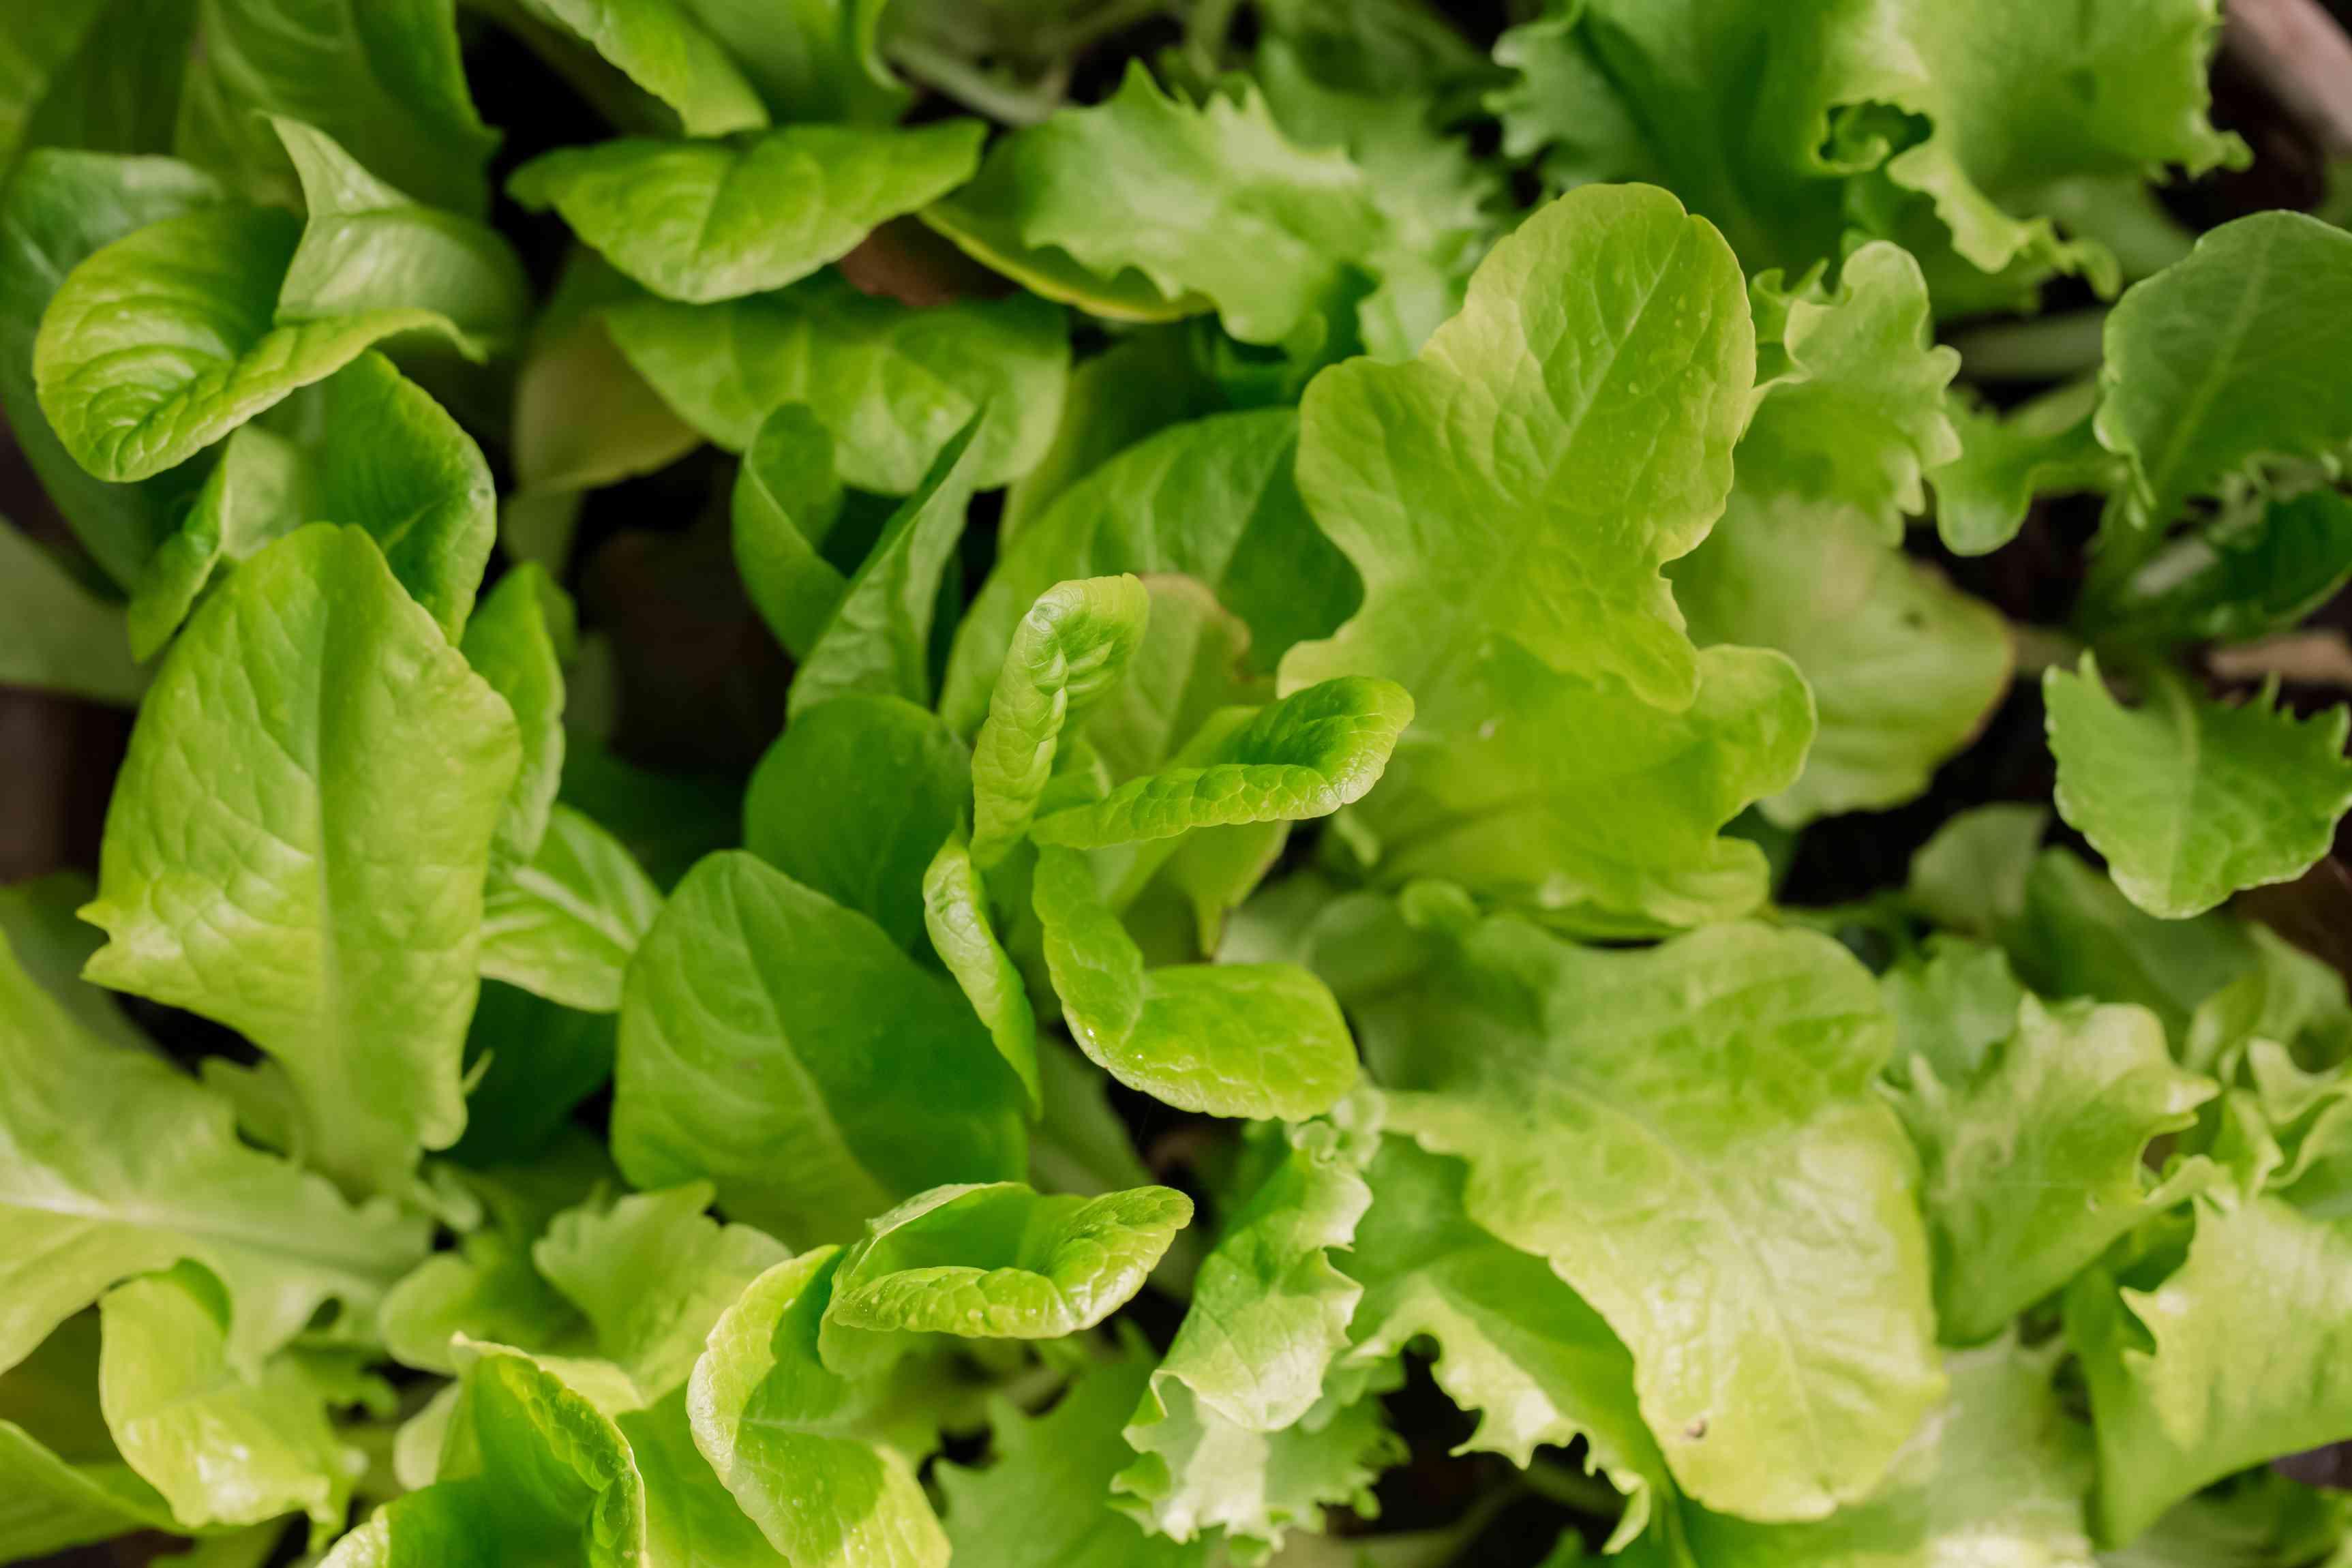 closeup of greens